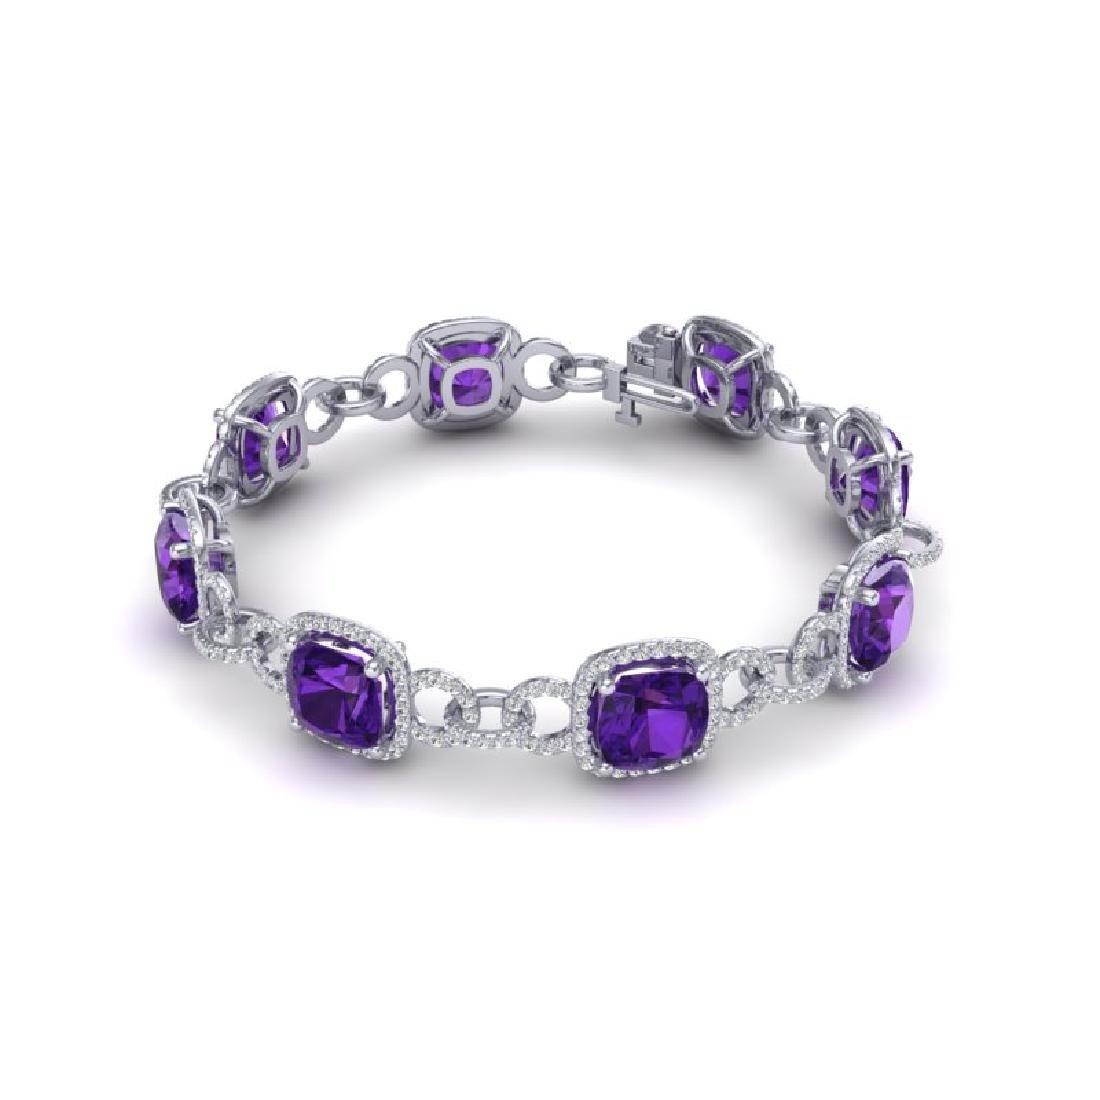 30 CTW Amethyst & VS/SI Diamond Bracelet 14K White Gold - 2